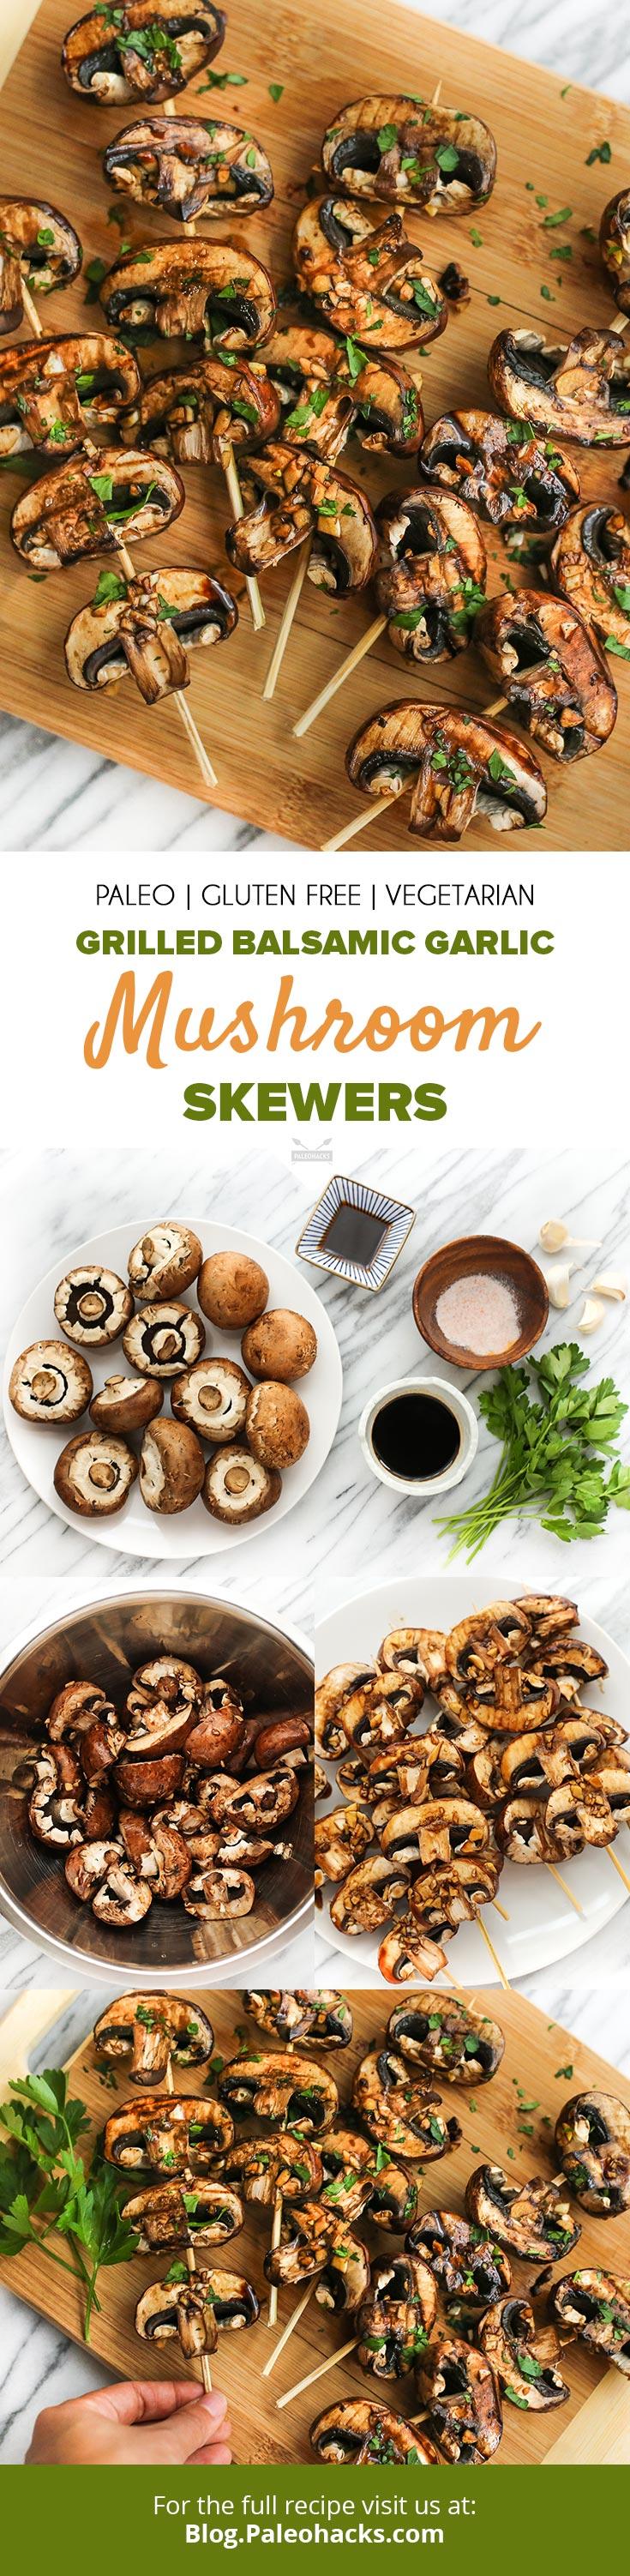 PIN-Grilled-Balsamic-Garlic-Mushroom-Skewers.jpg